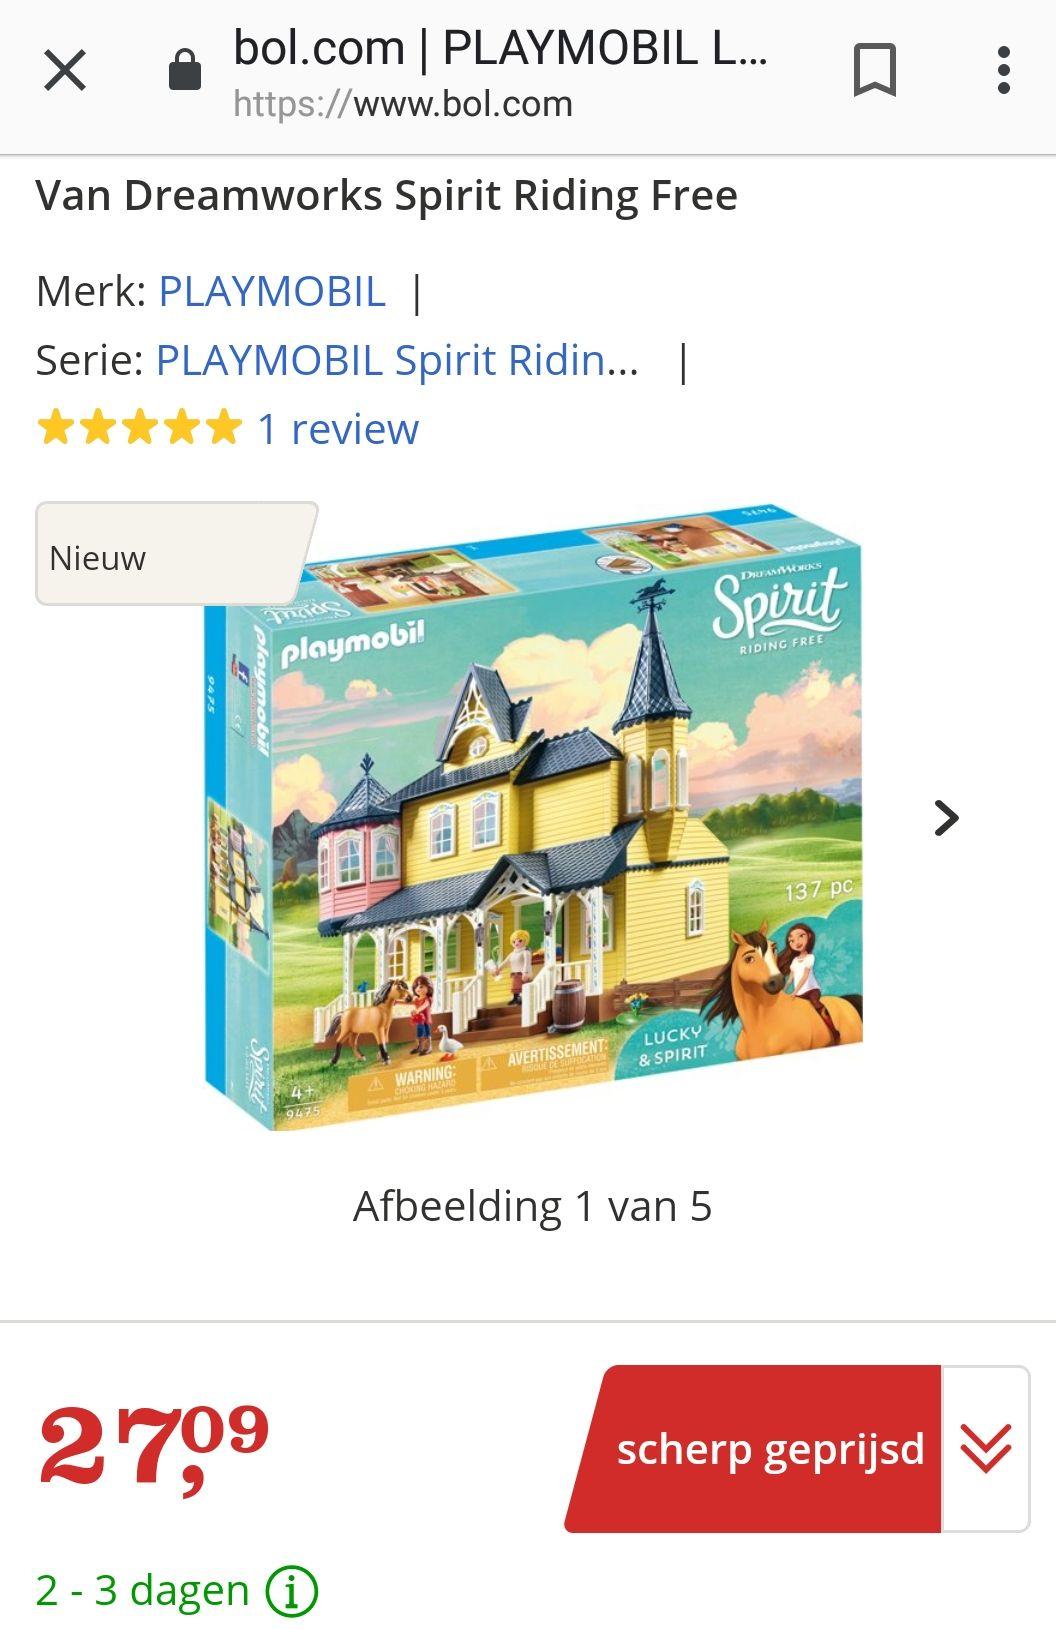 Playmobil Lucky's huis